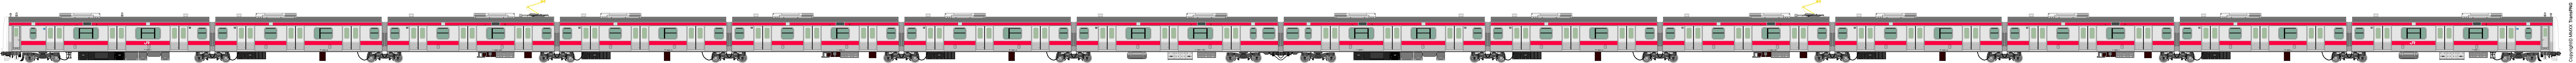 鐵路列車 5600